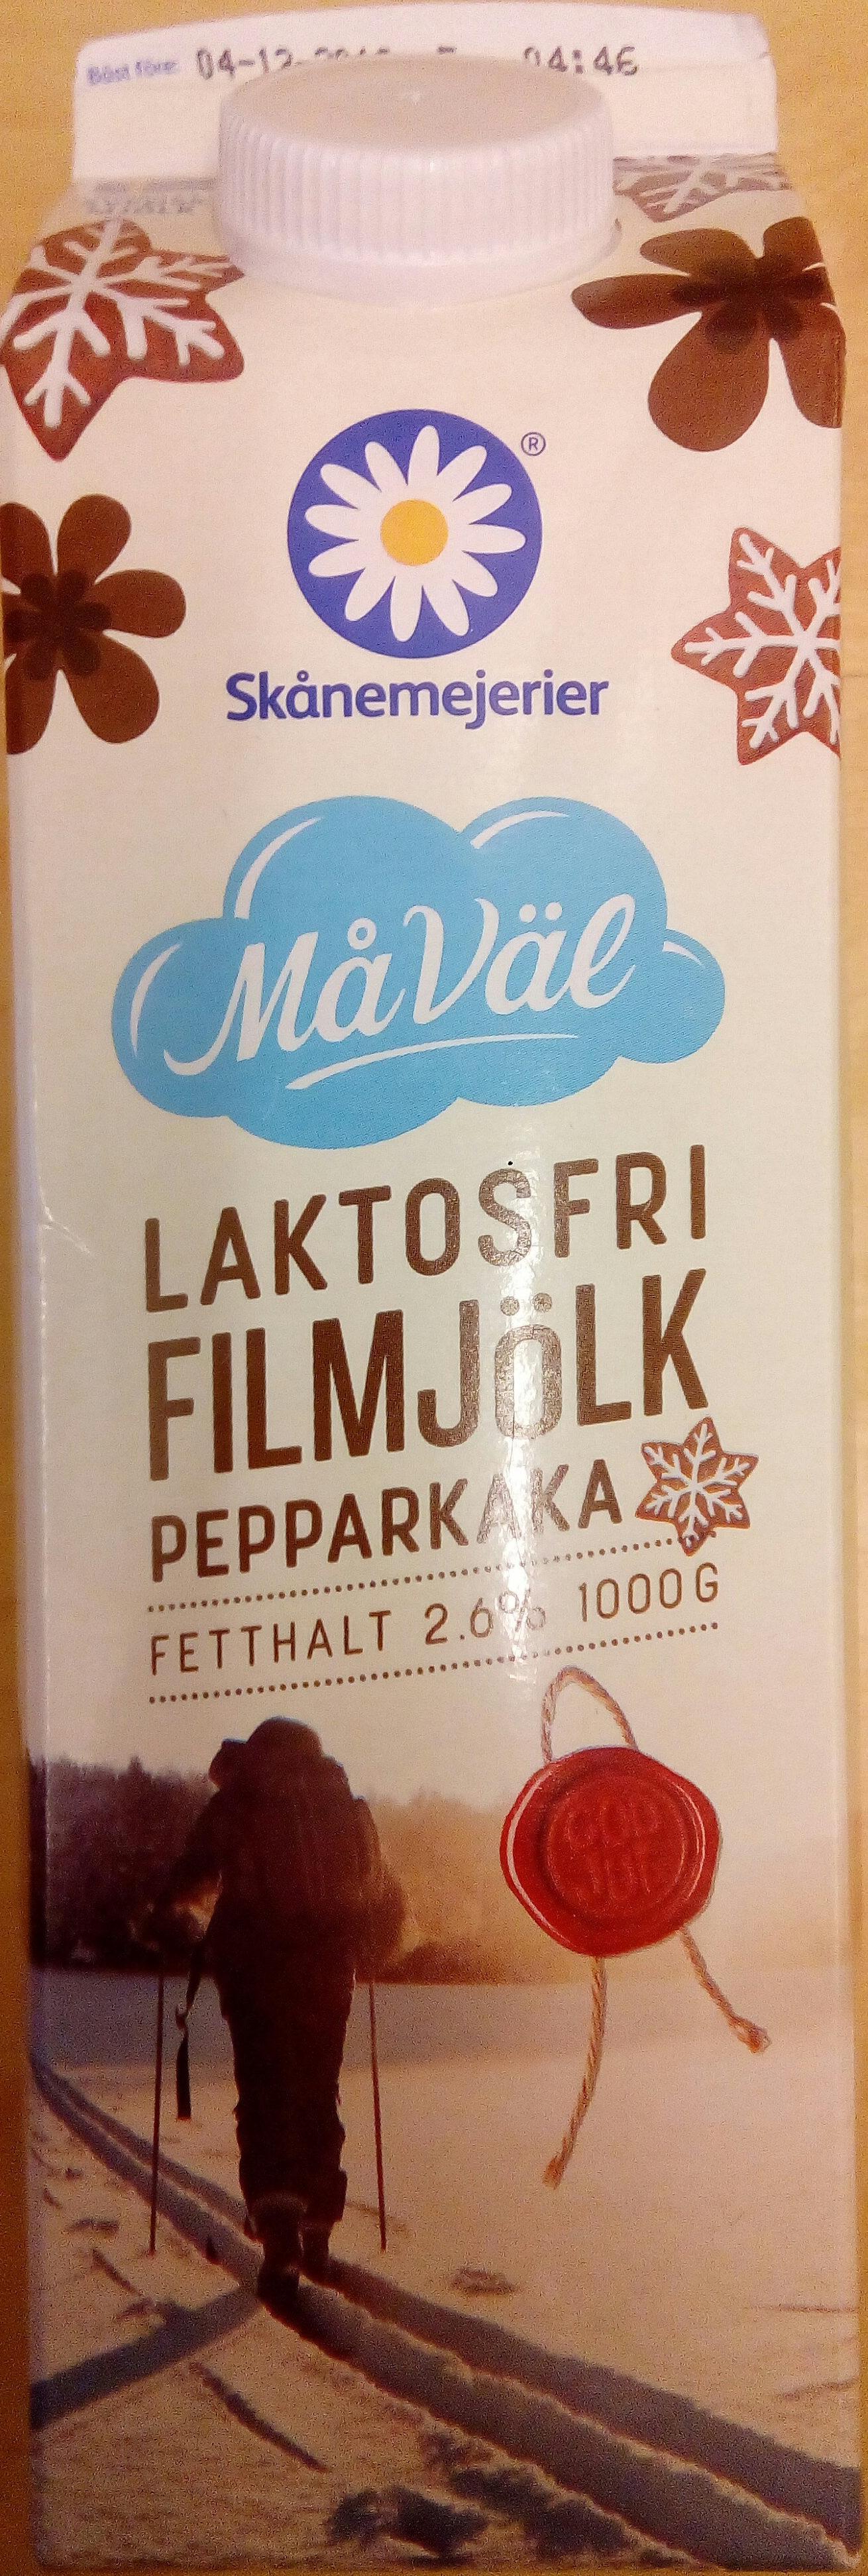 Skånemejerier Laktosfri Filmjölk Pepparkaka - Product - sv